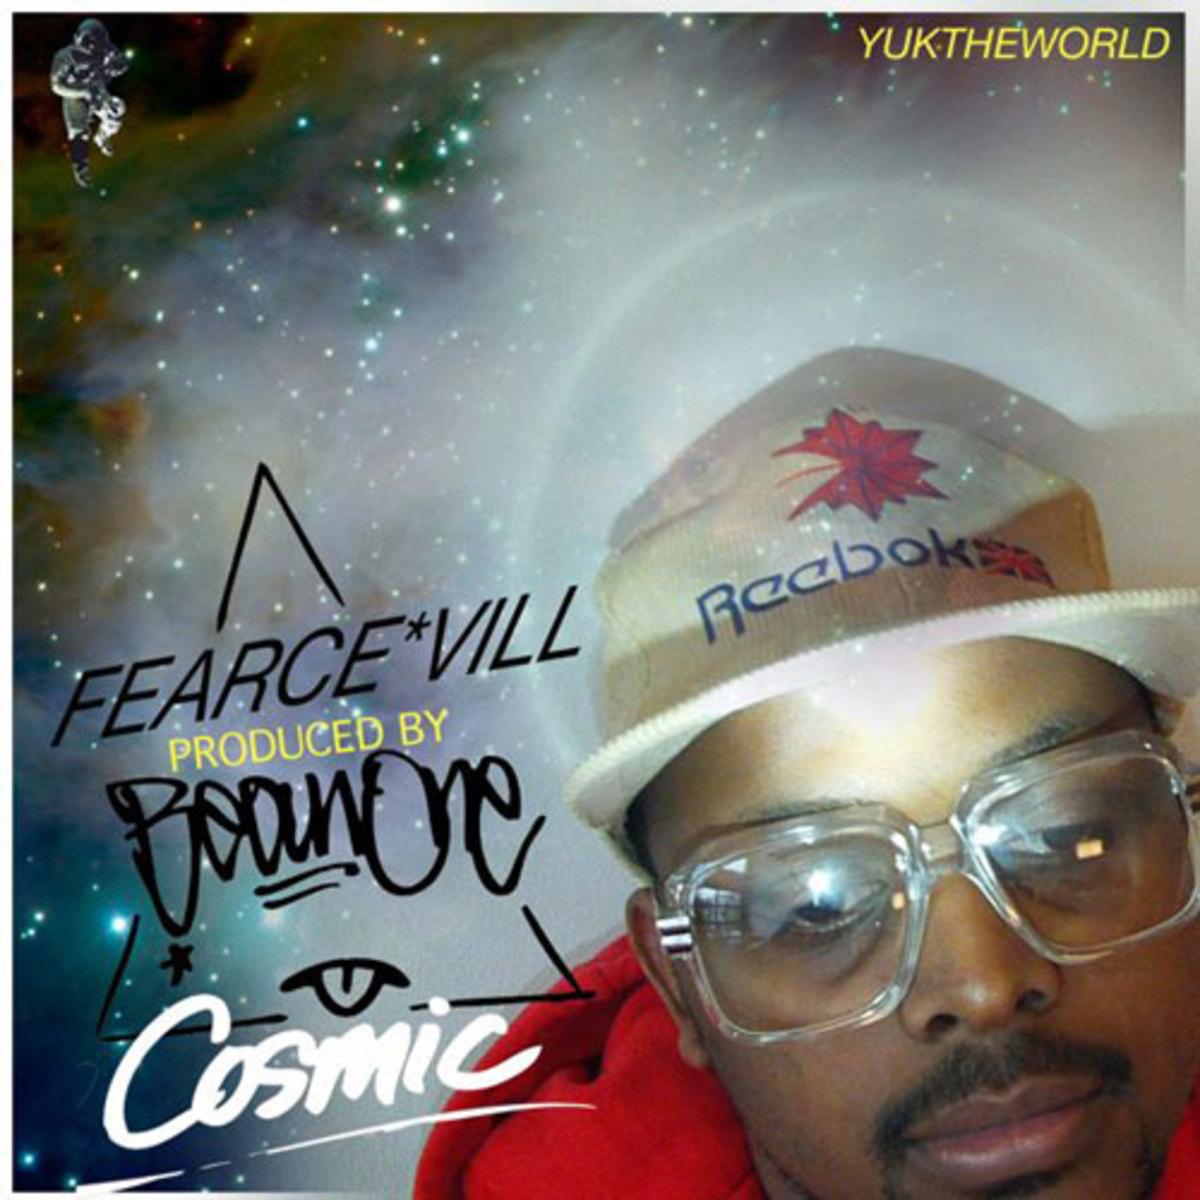 fearcevill-cosmic.jpg